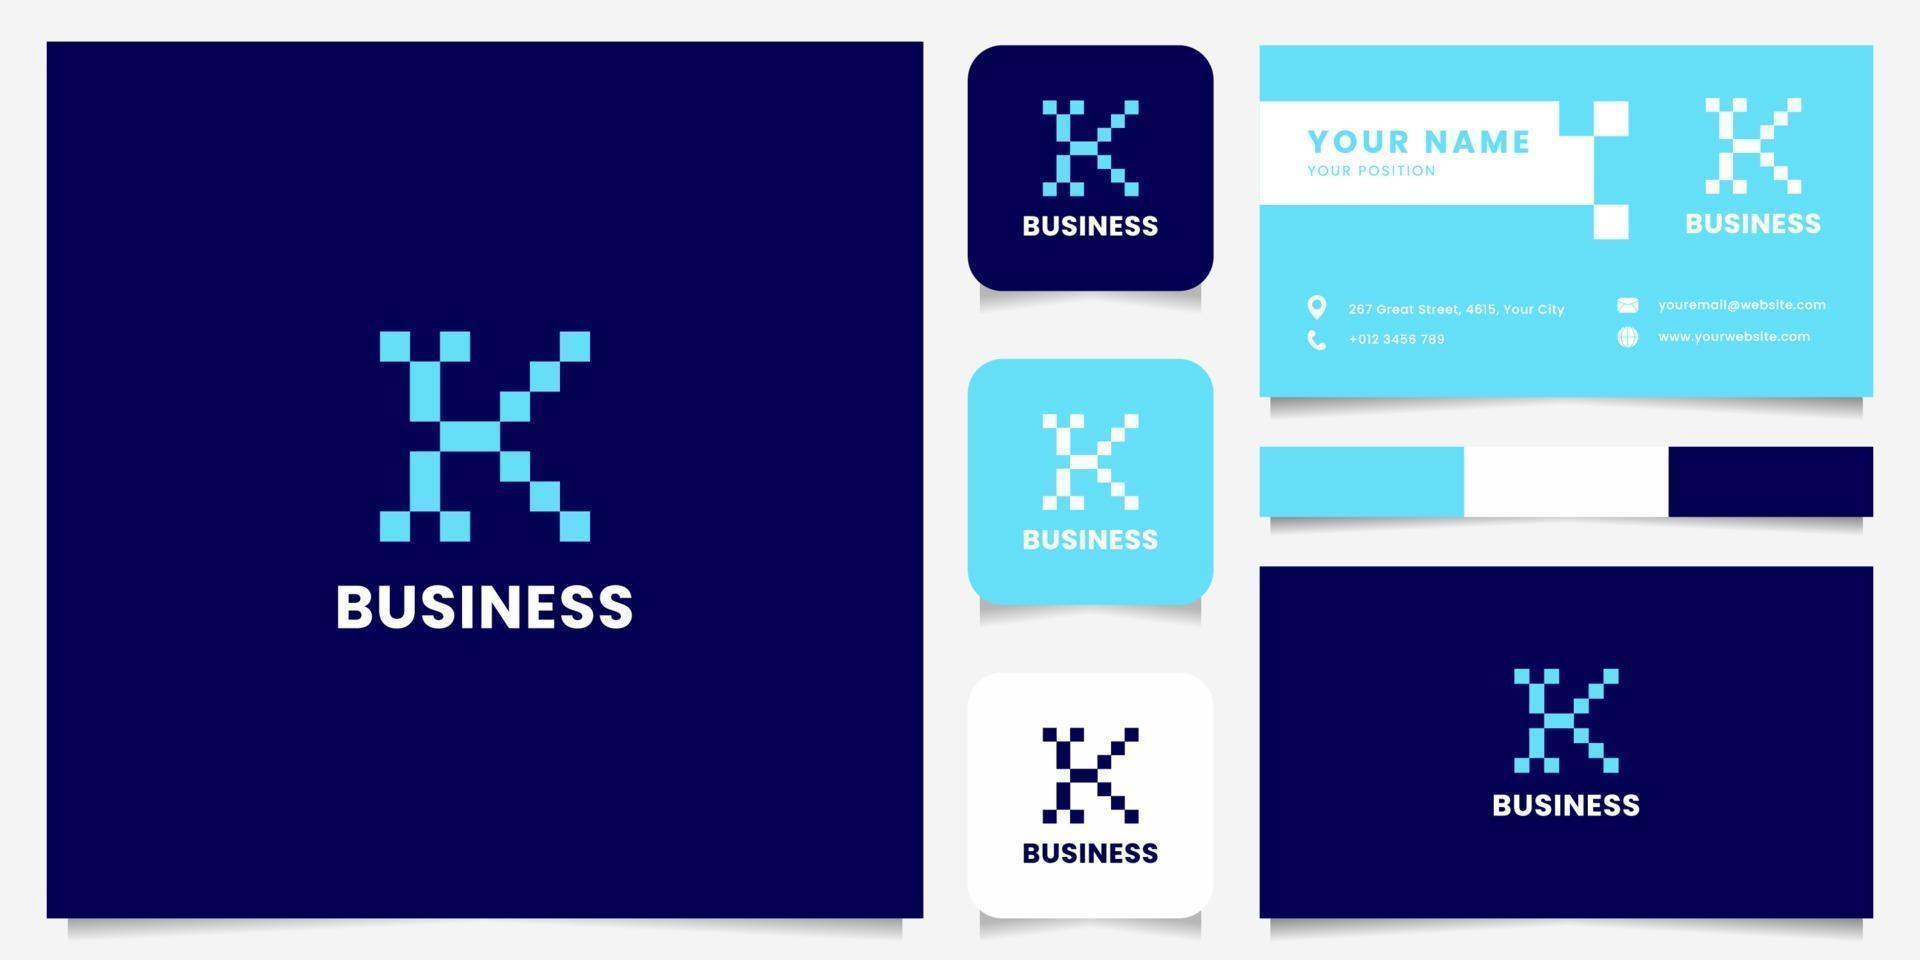 einfaches und minimalistisches blaues Pixelbuchstaben-k-Logo mit Visitenkartenschablone vektor